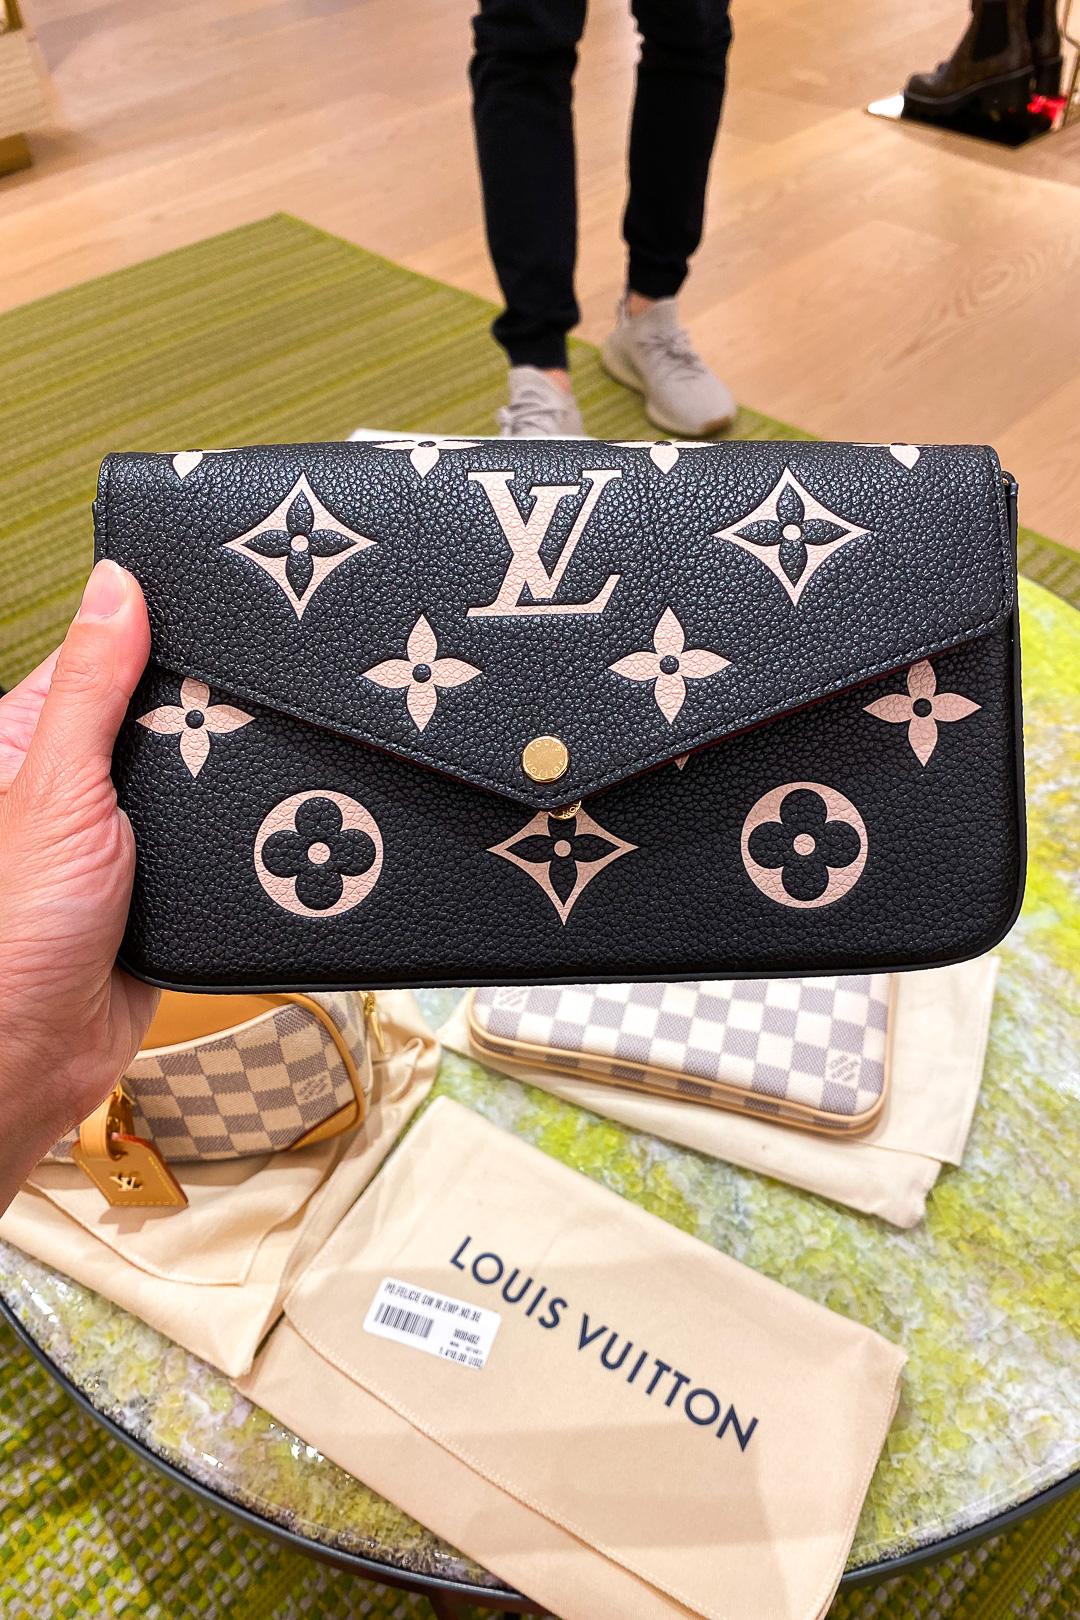 Louis Vuitton Félicie Pochette